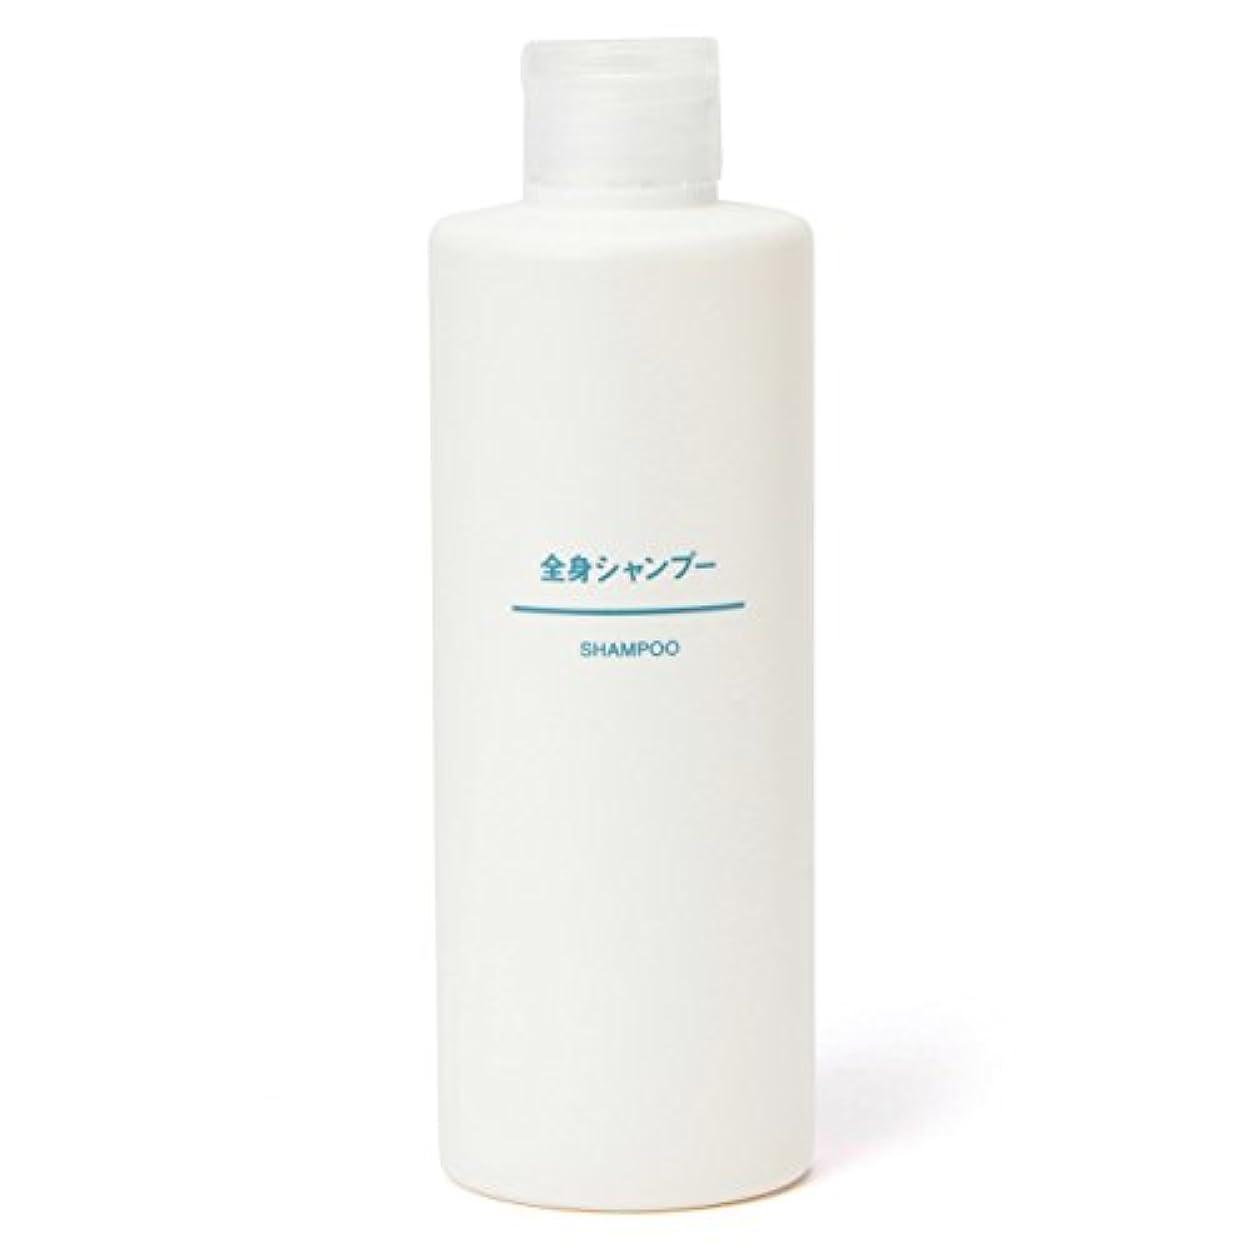 鳥谷節約する無印良品 全身シャンプー 300ml 日本製